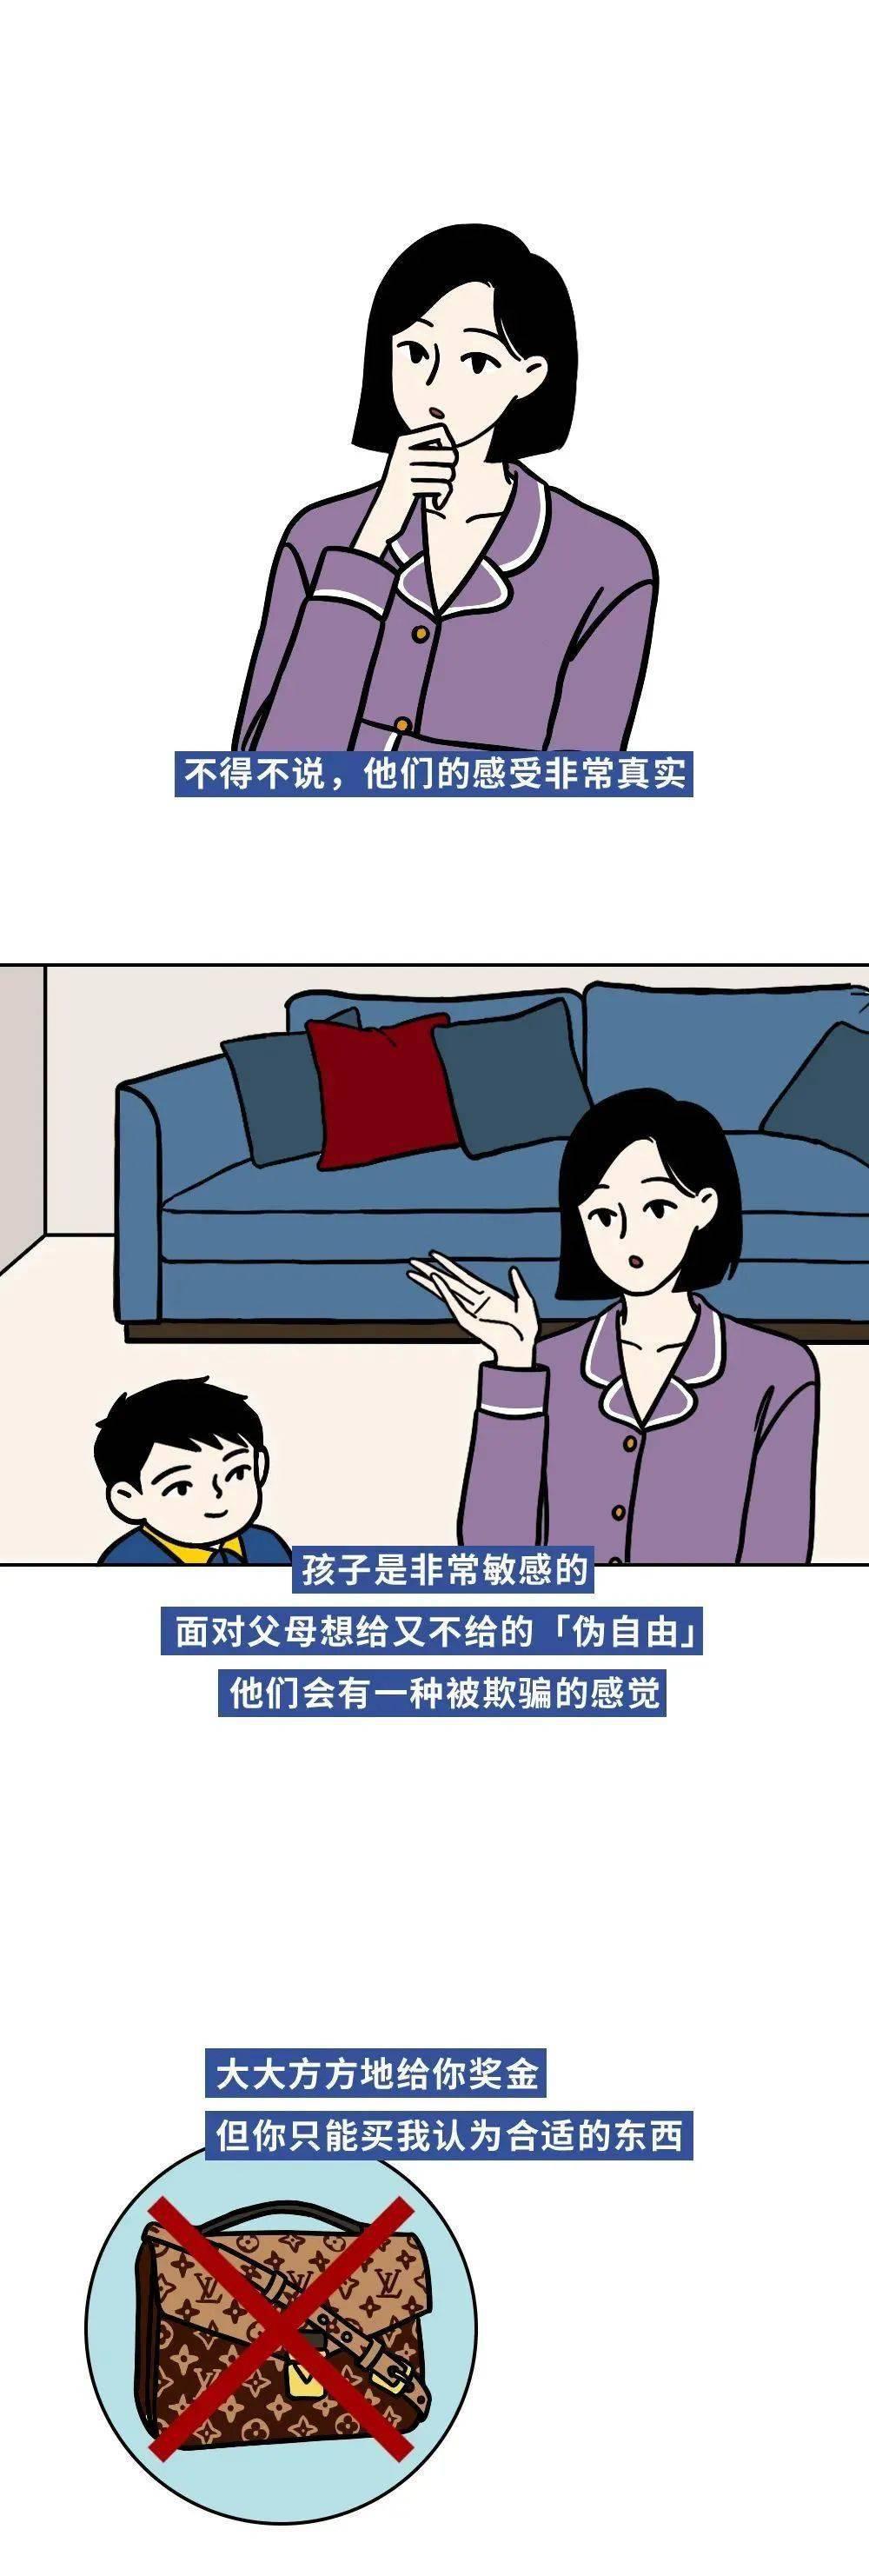 """原来父母也会""""双标""""啊~~你中招了吗?"""